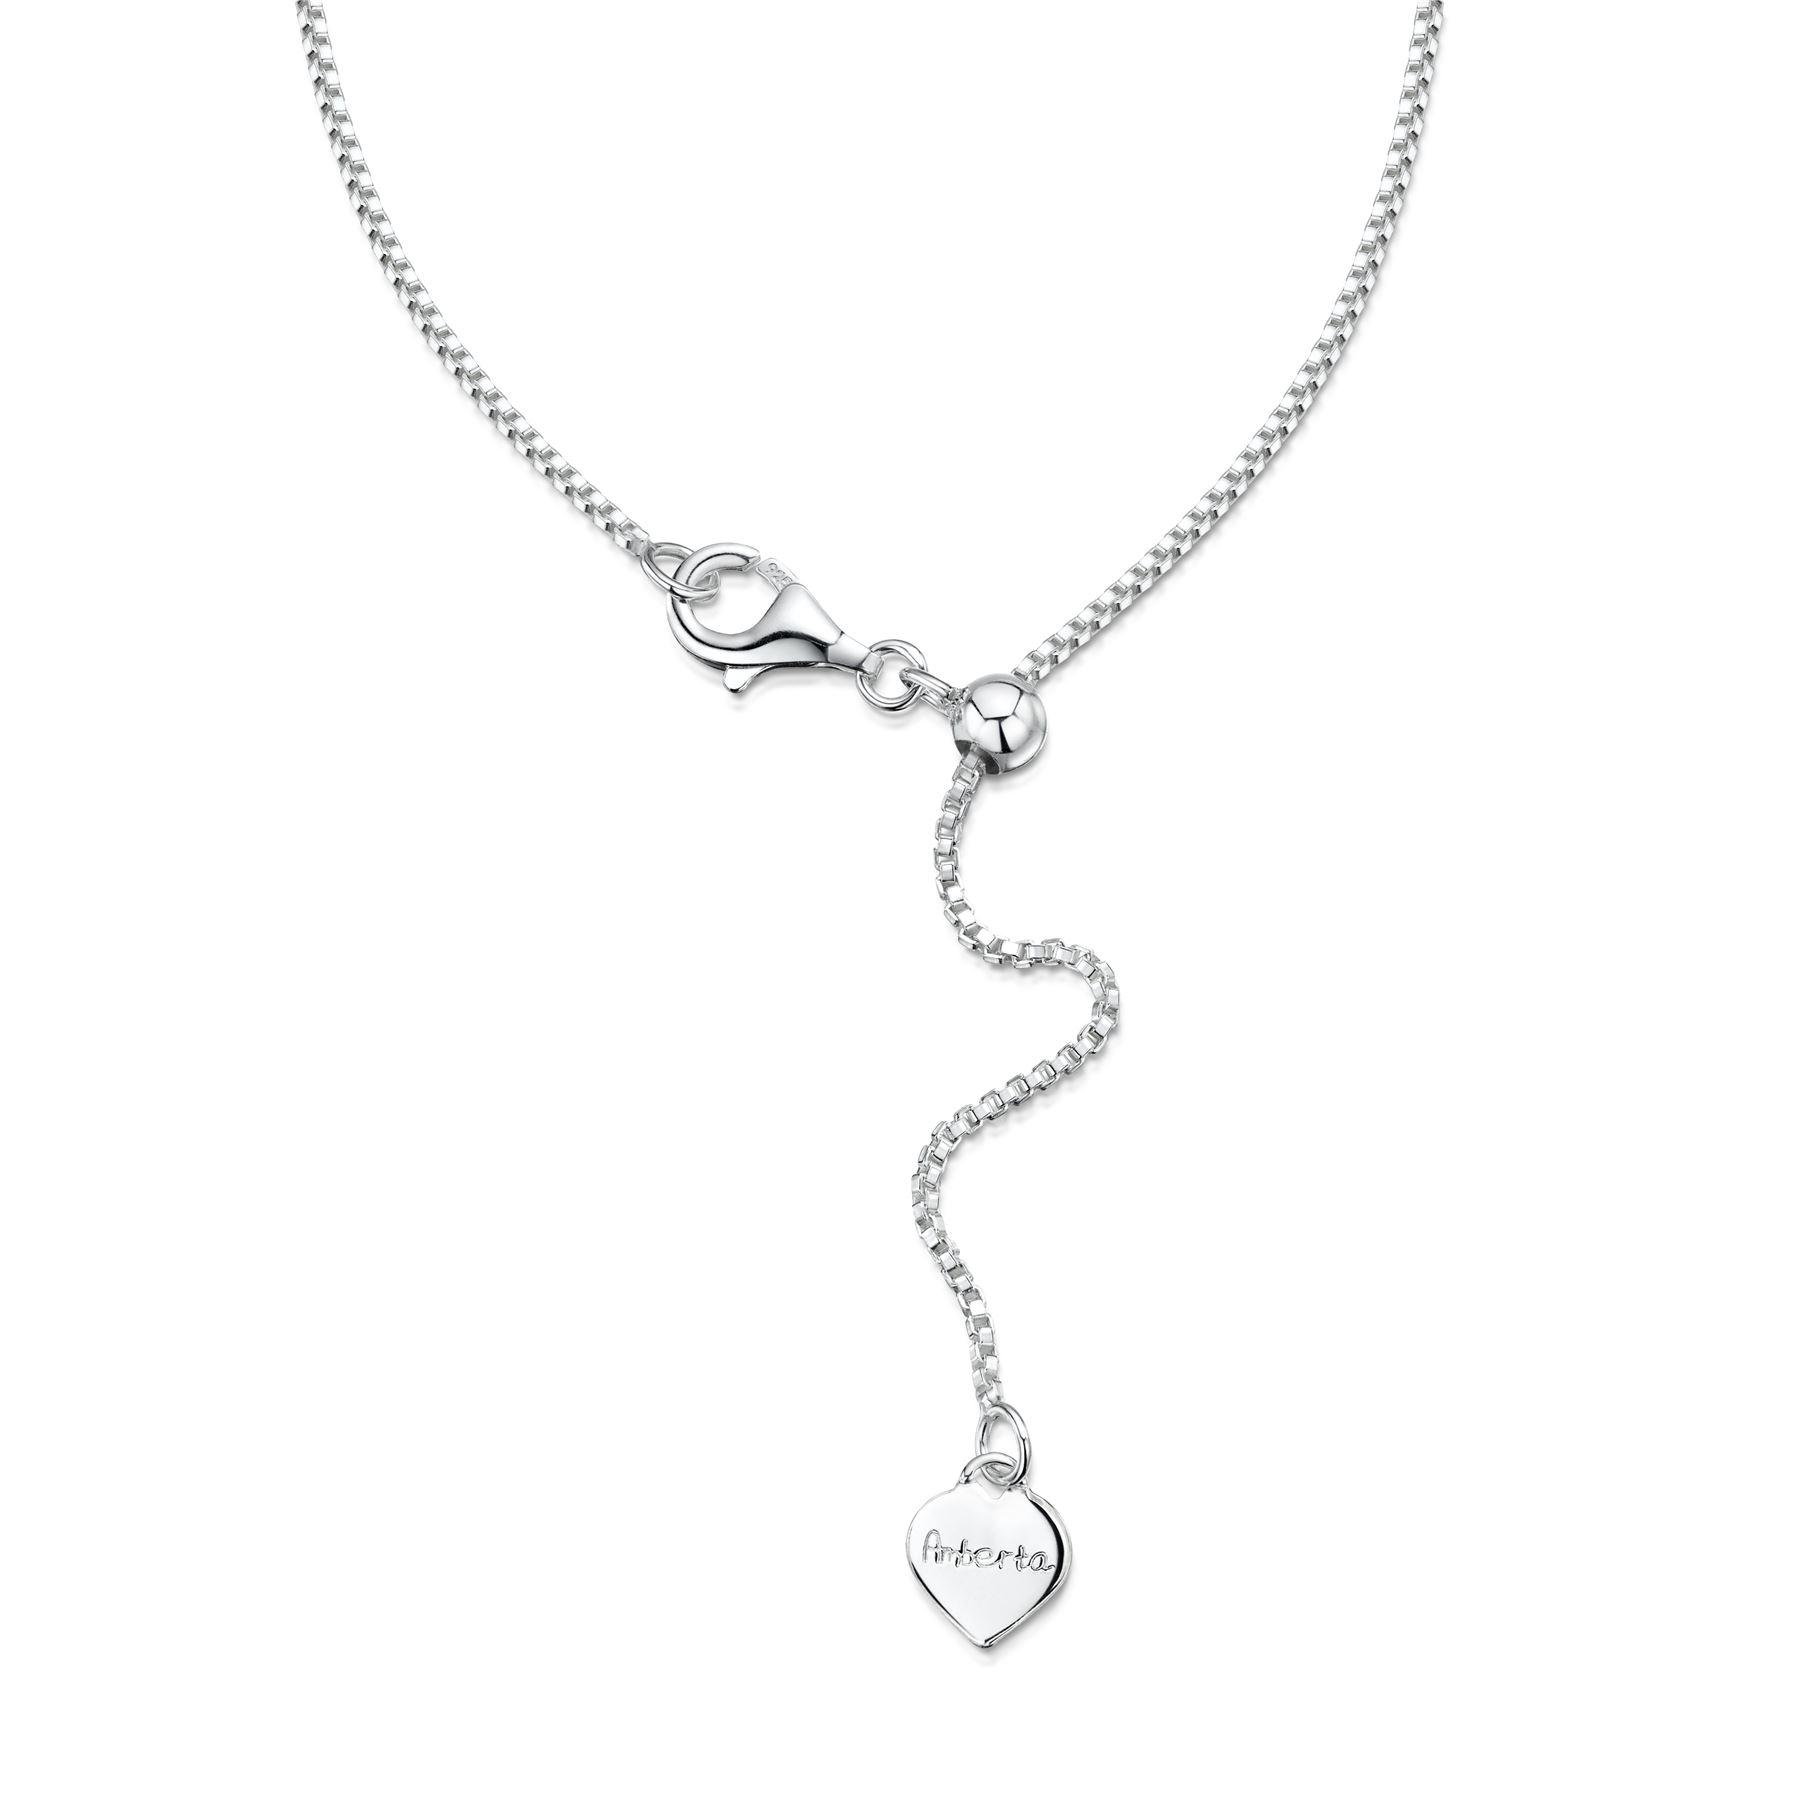 Amberta-Collar-en-Fina-Plata-de-Ley-925-Cadena-de-Corazon-Ajustable-para-Mujer miniatura 9